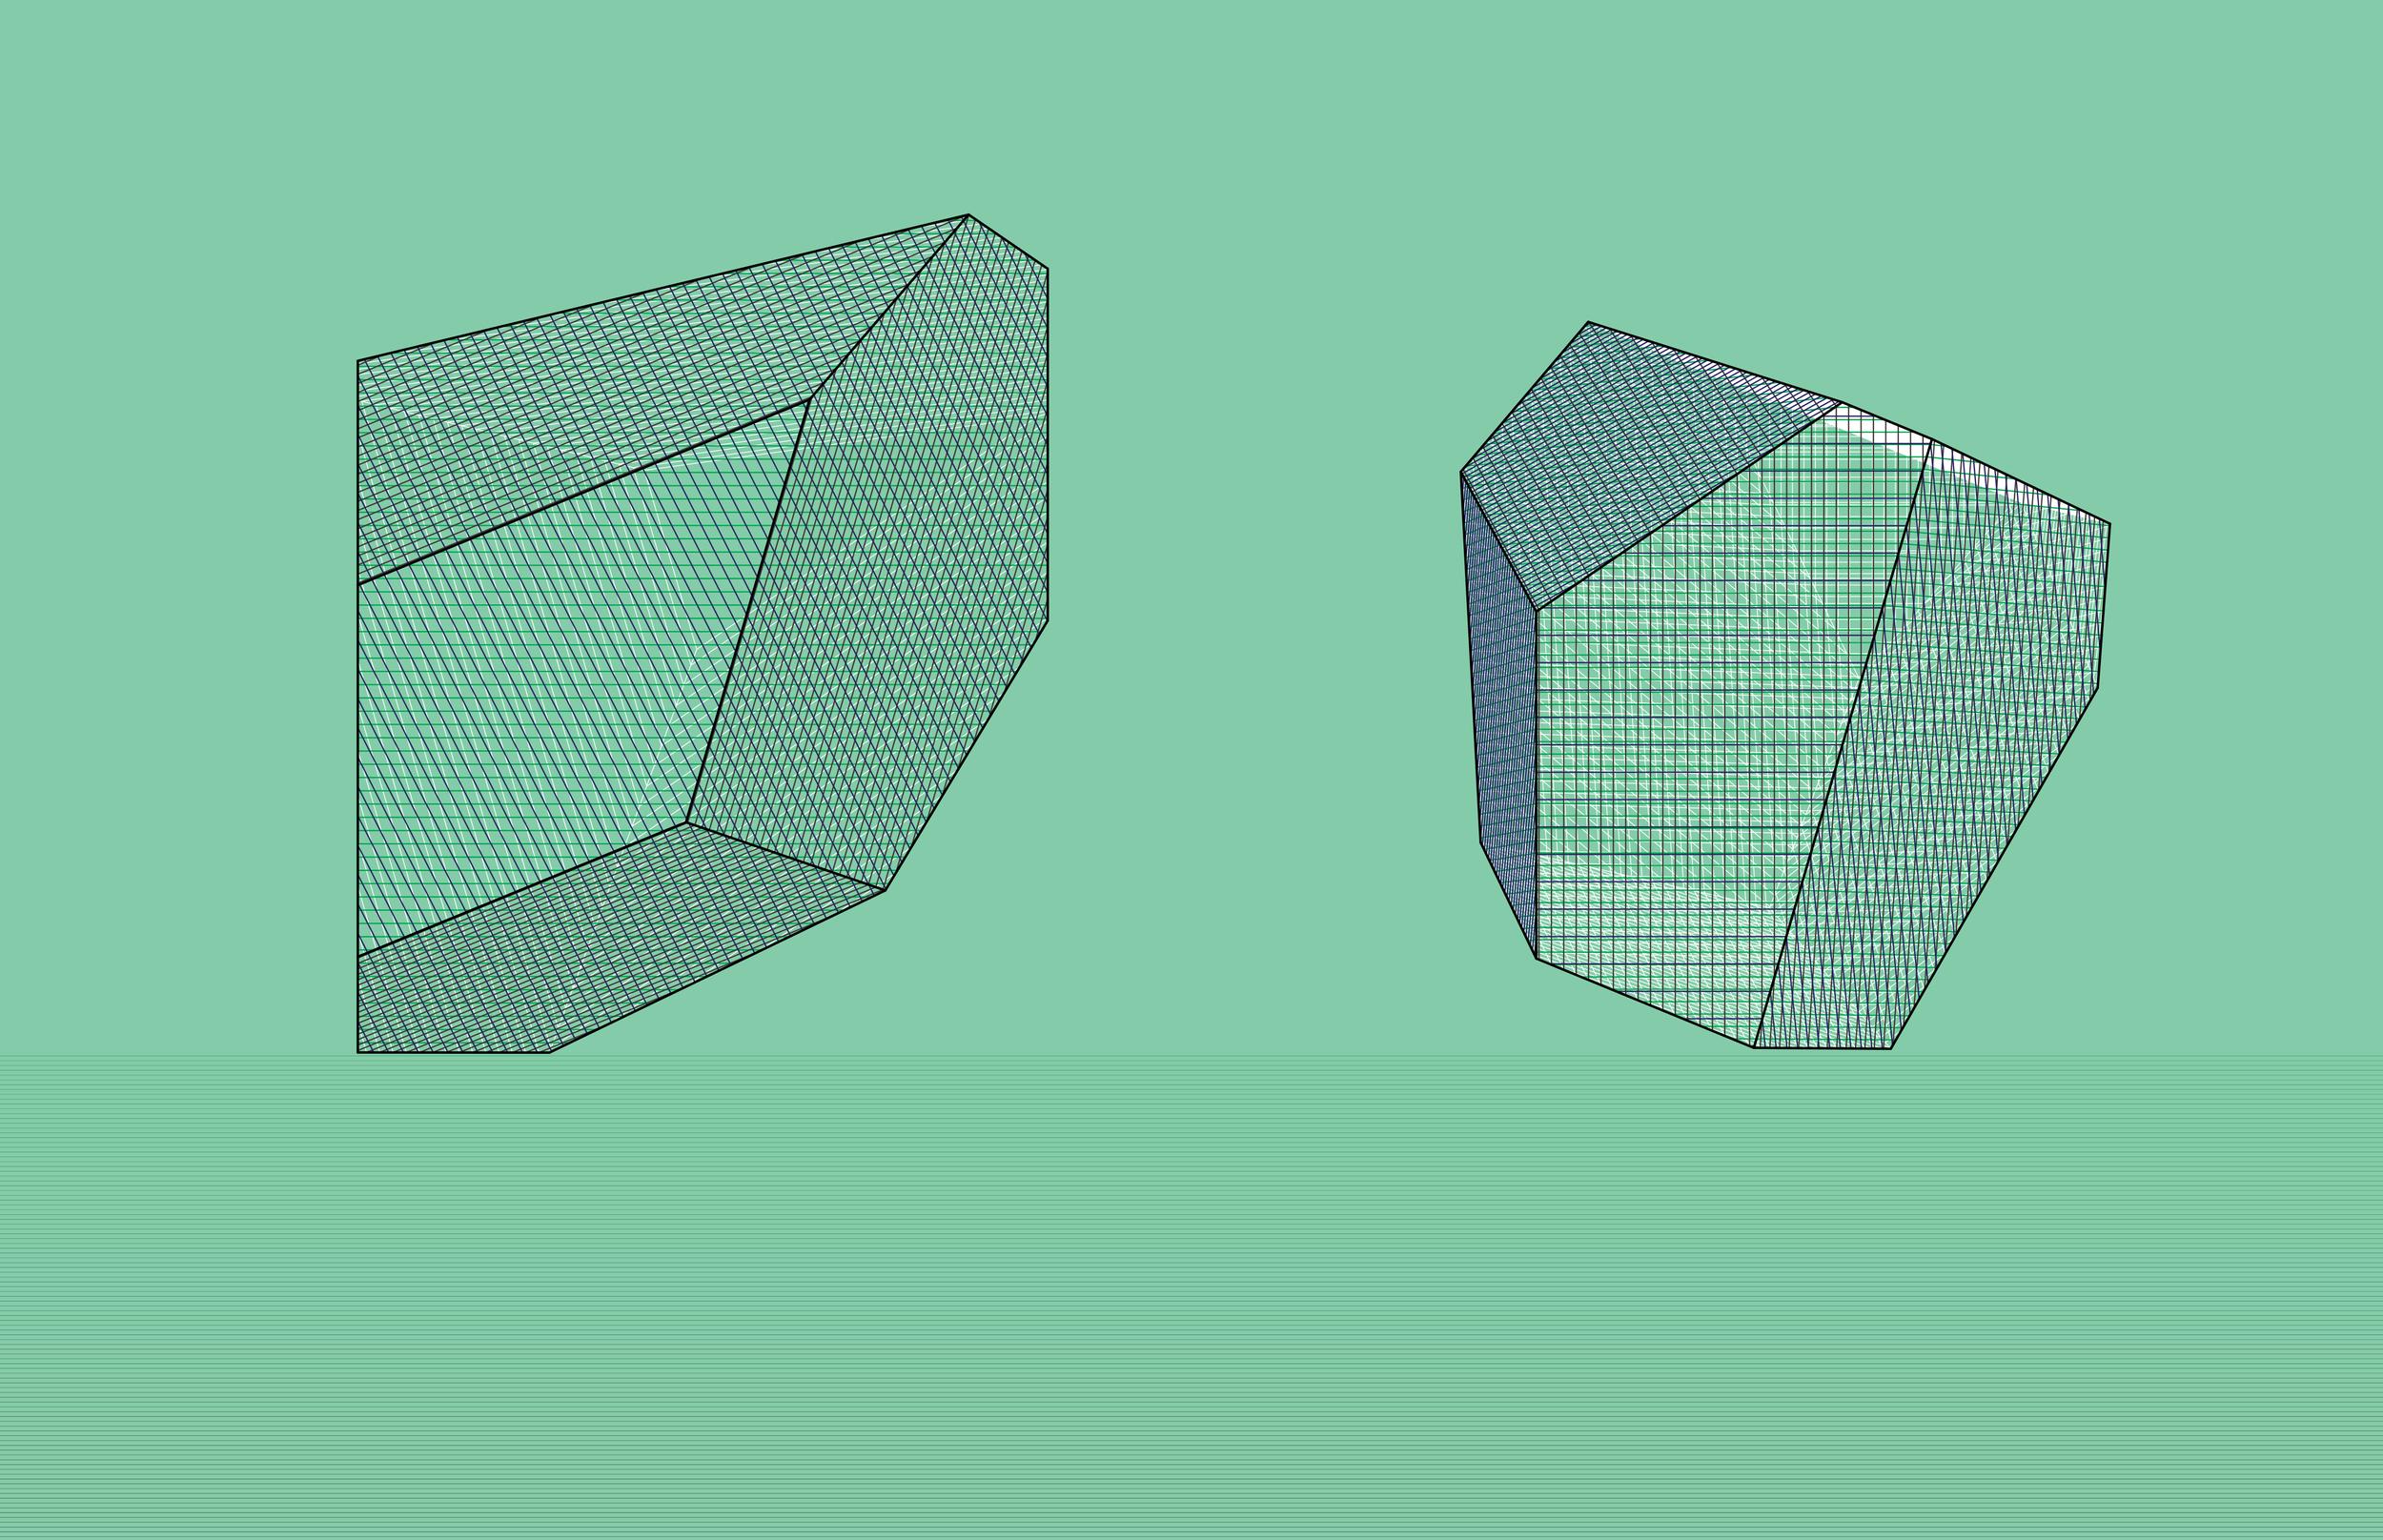 LA FORUM-Line Drawings_Mint-8.jpg